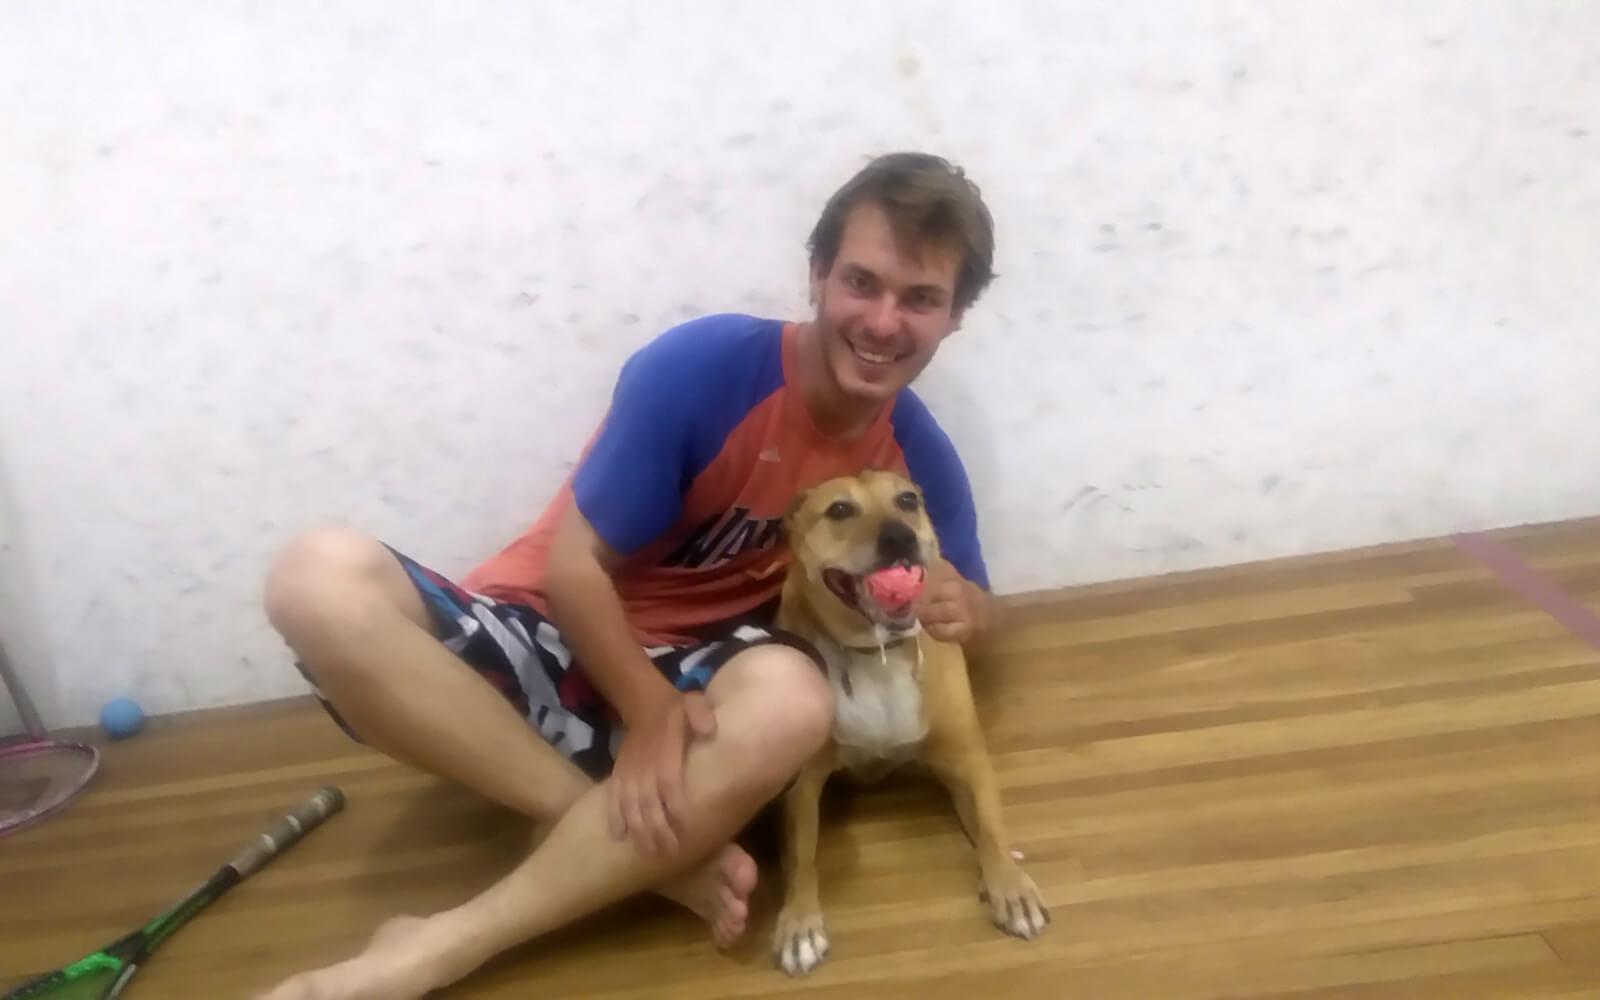 Justin und Hund Bisquit beim Squash